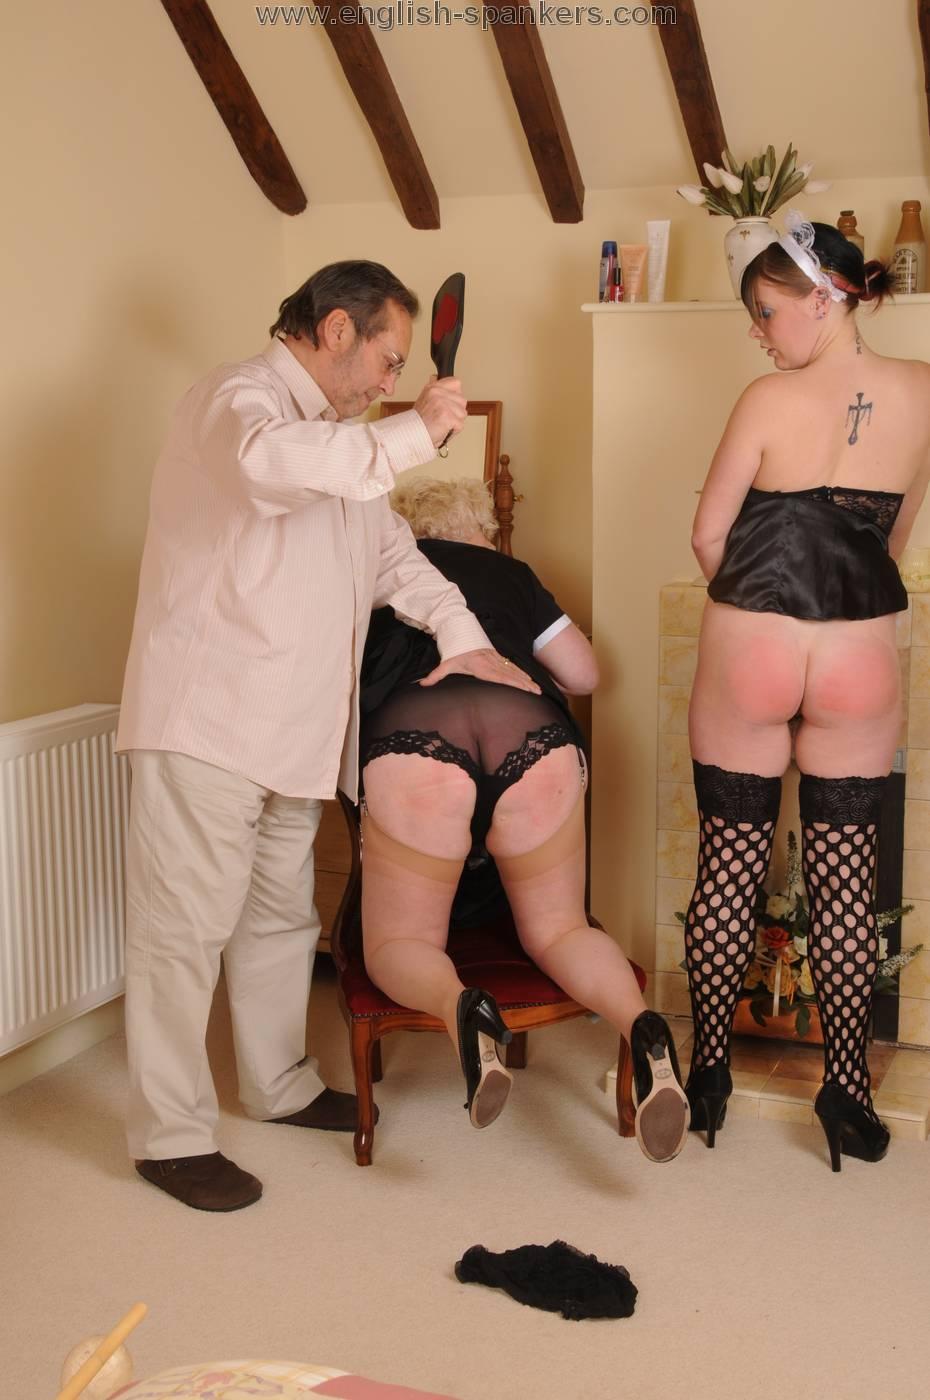 Suggest Catholic spank cane bare bottom suggest you